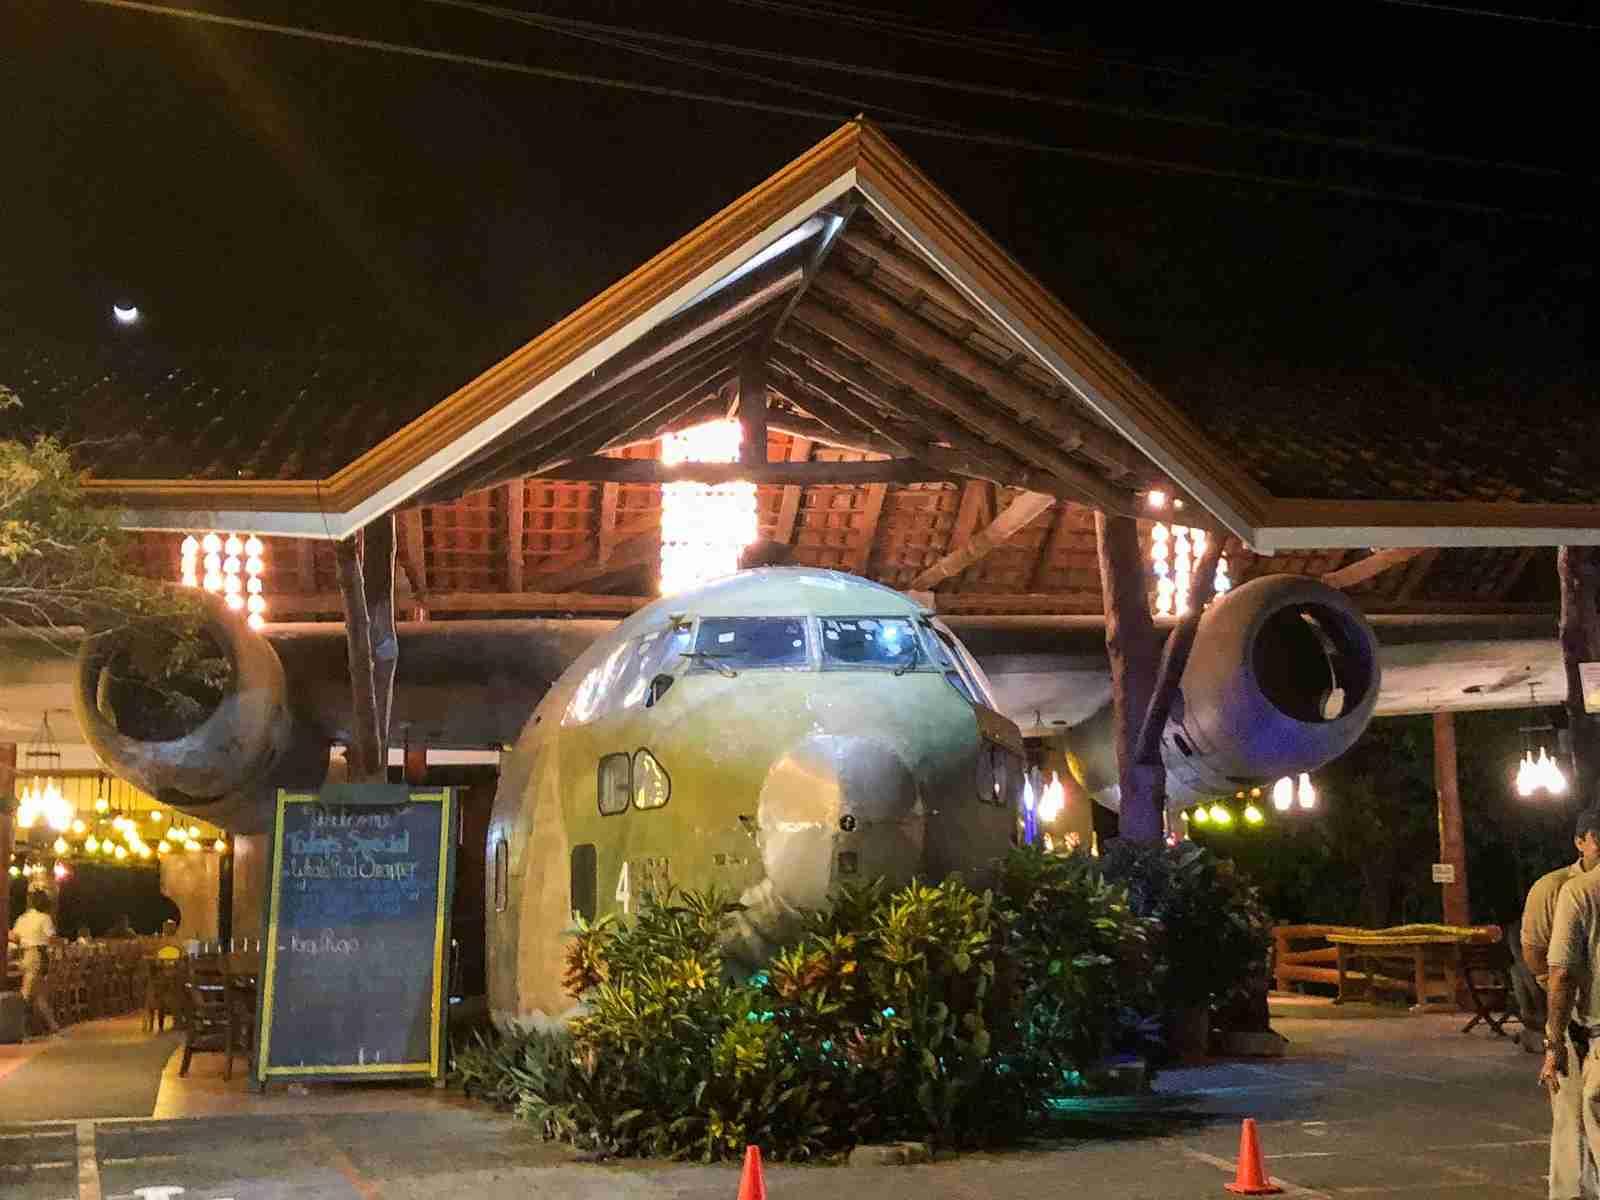 El Avion bar and restaurant